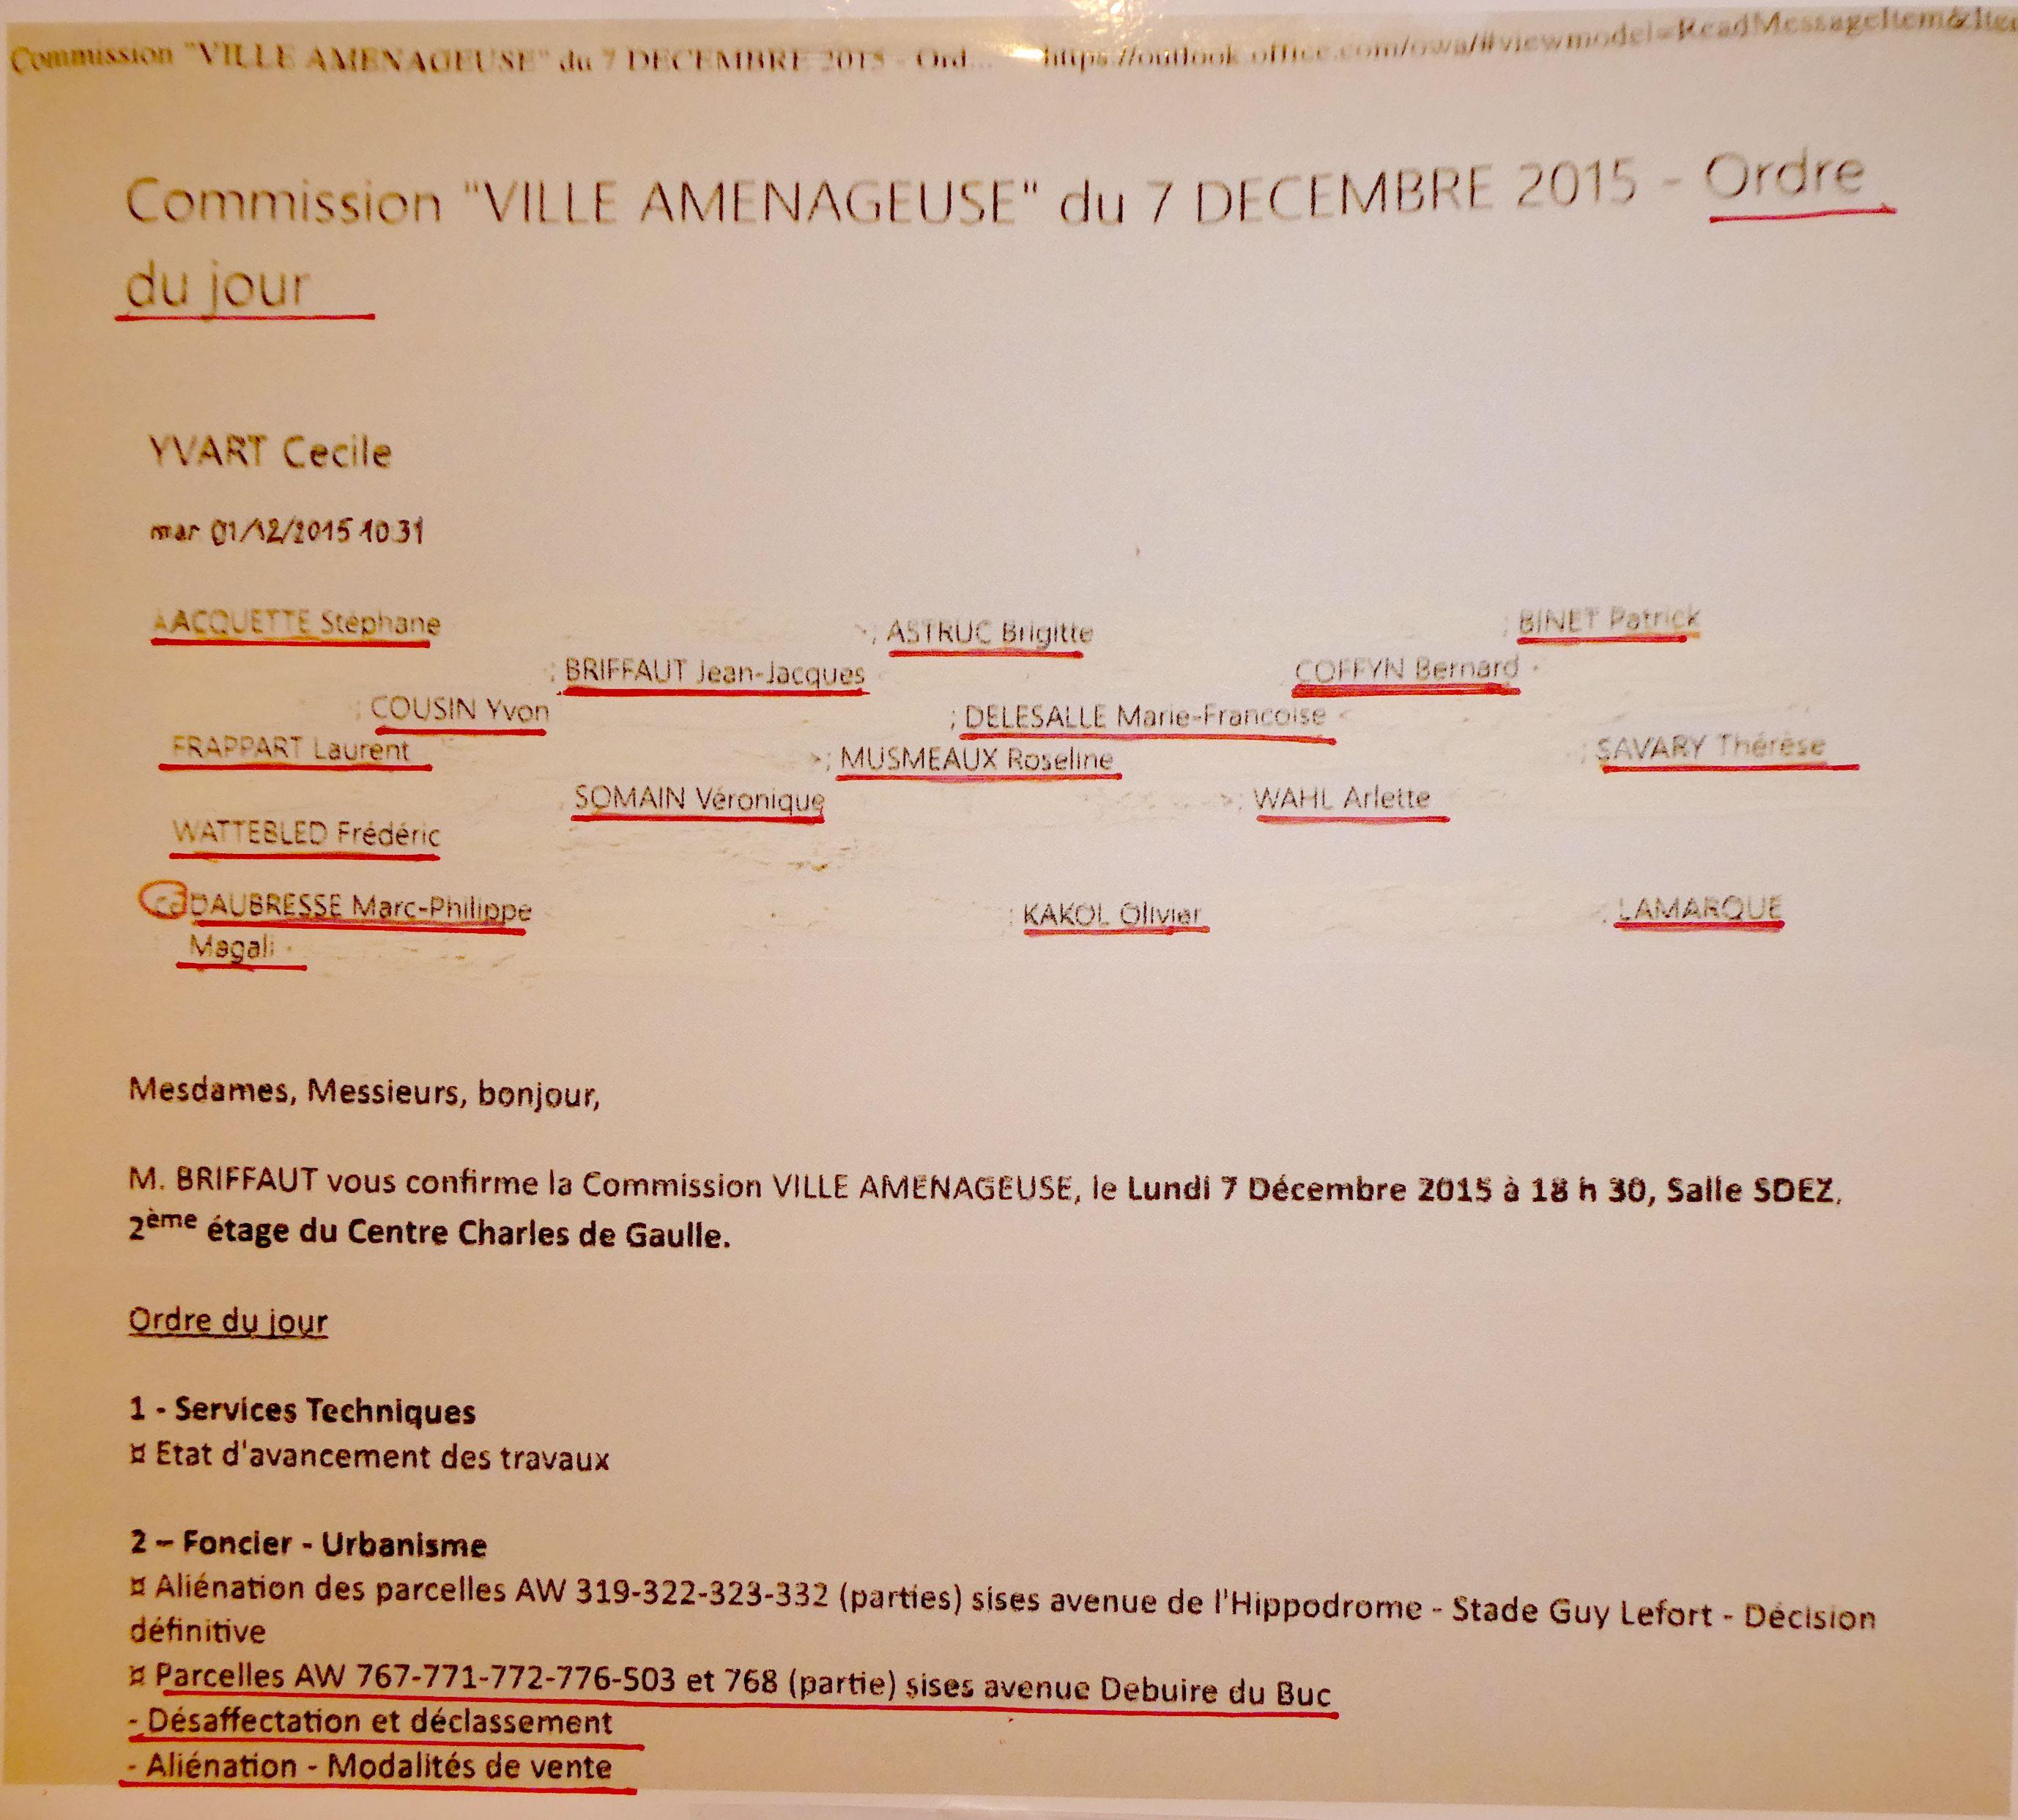 2015-12-07 Commission ville aménageuse